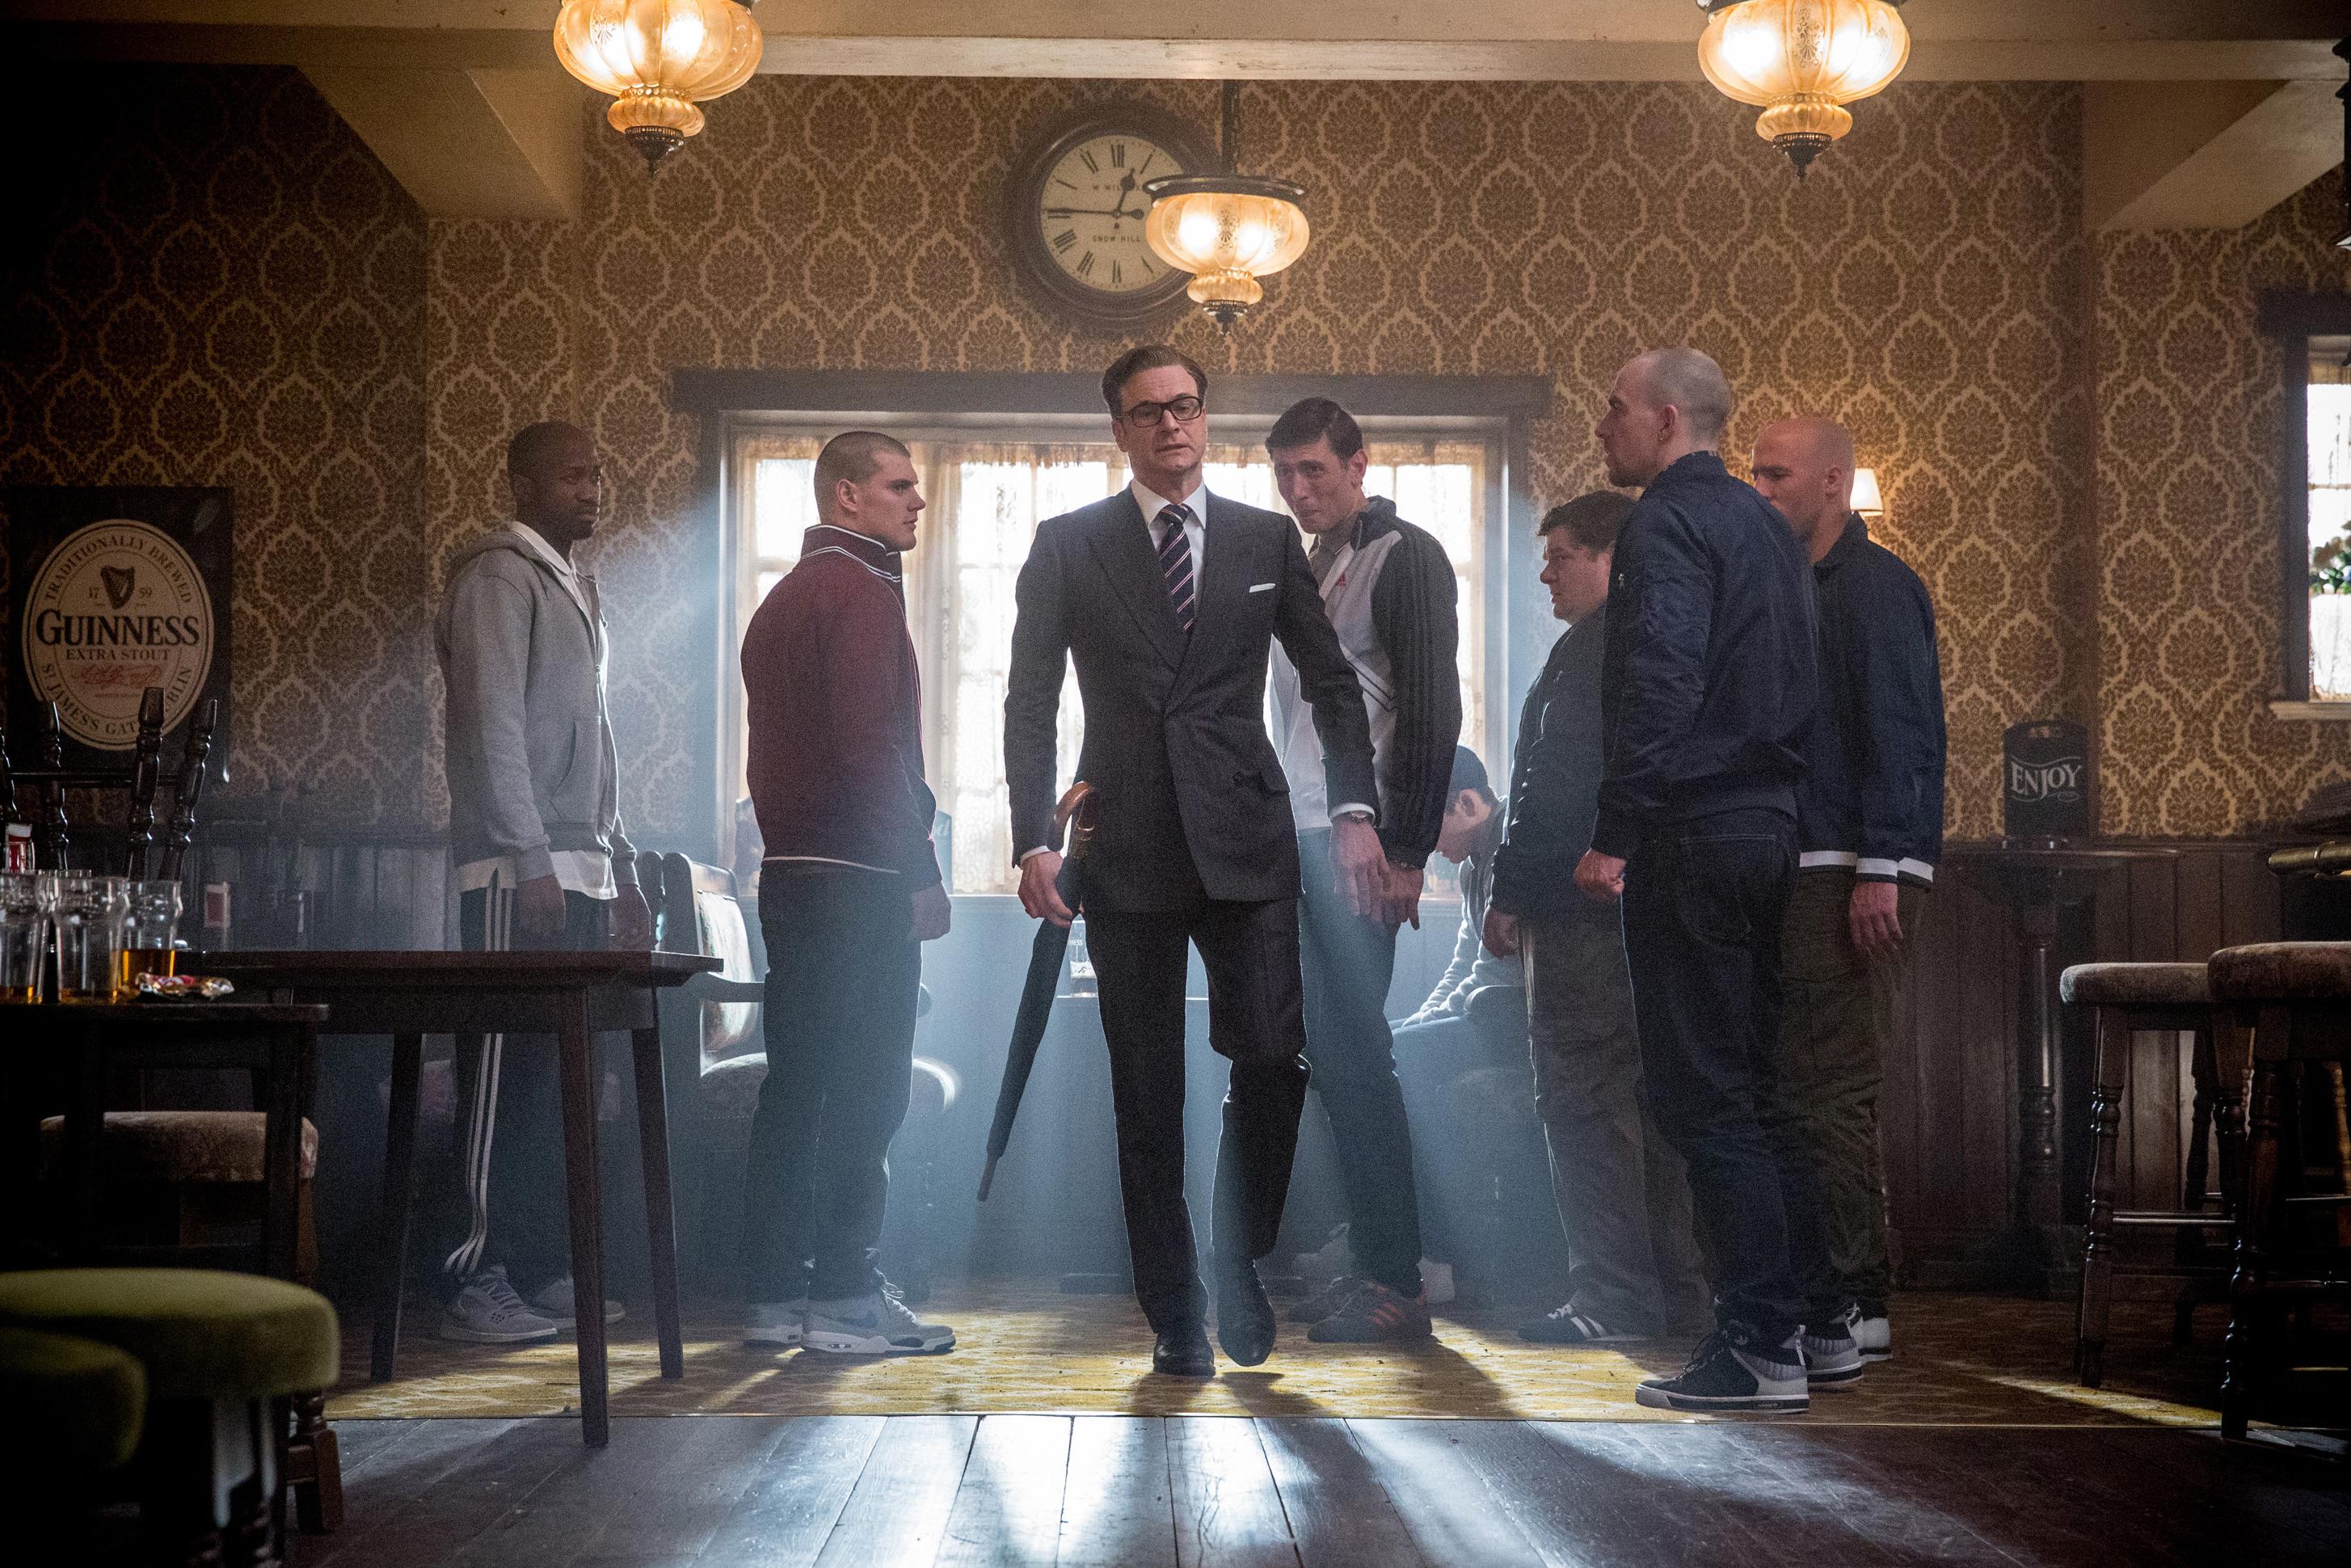 Film Review: Kingsman, The Secret Service